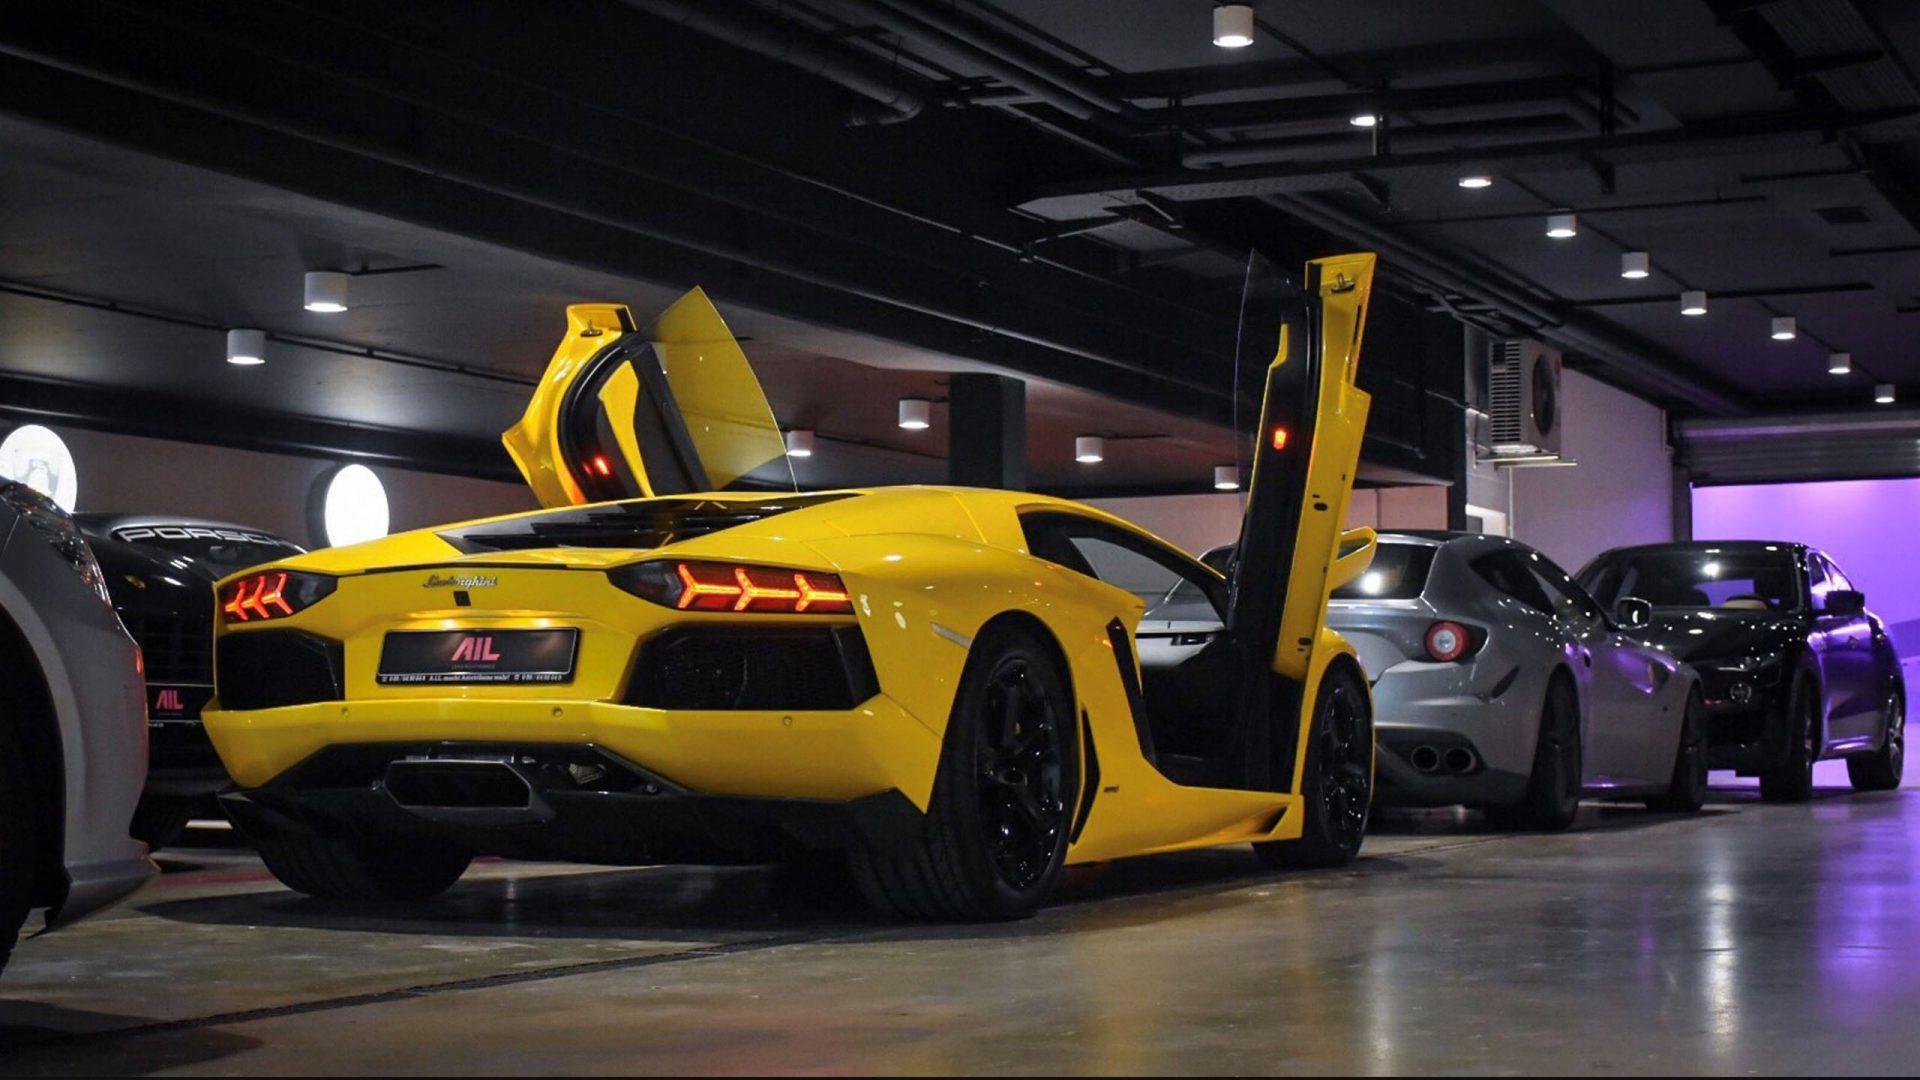 AIL gelber Lamborghini